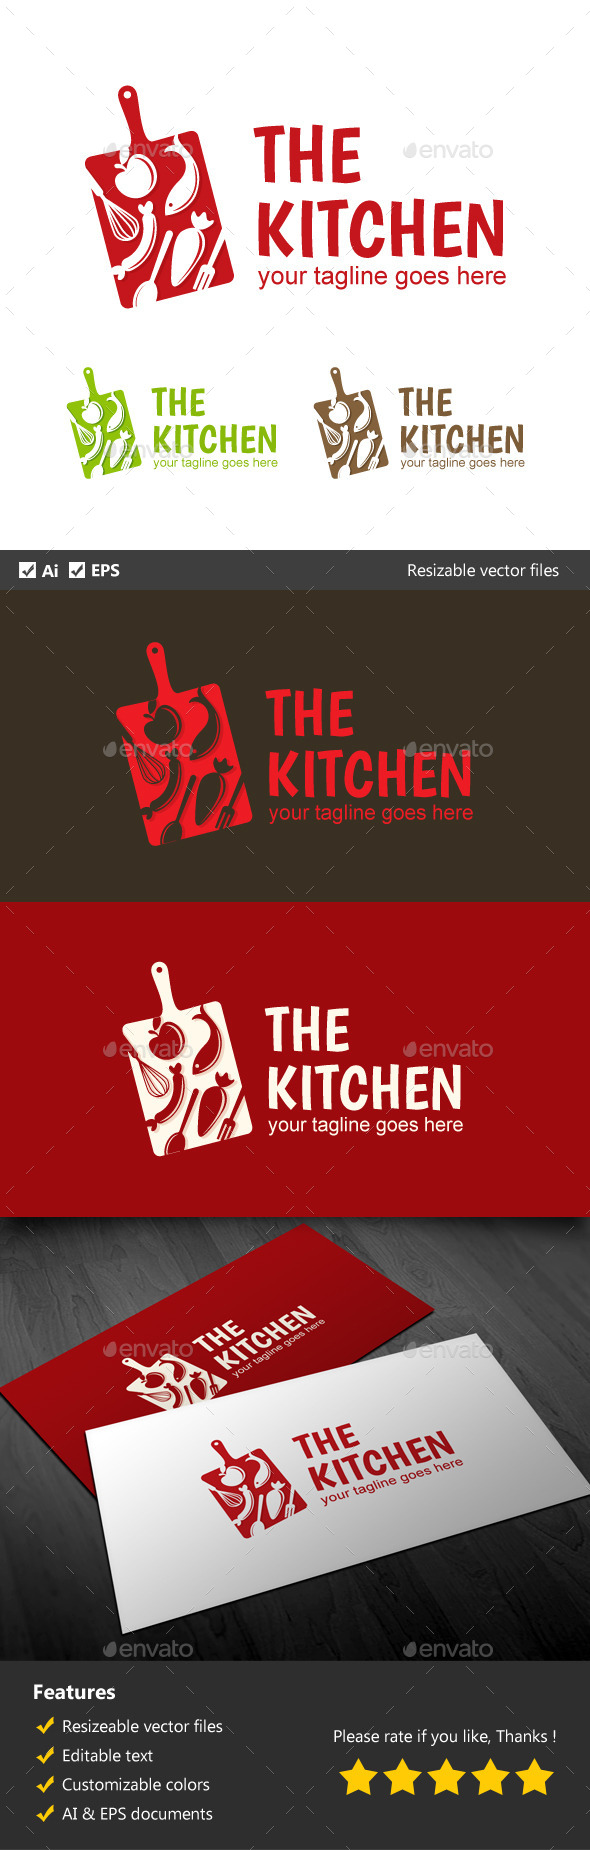 GraphicRiver The Kitchen 10117805